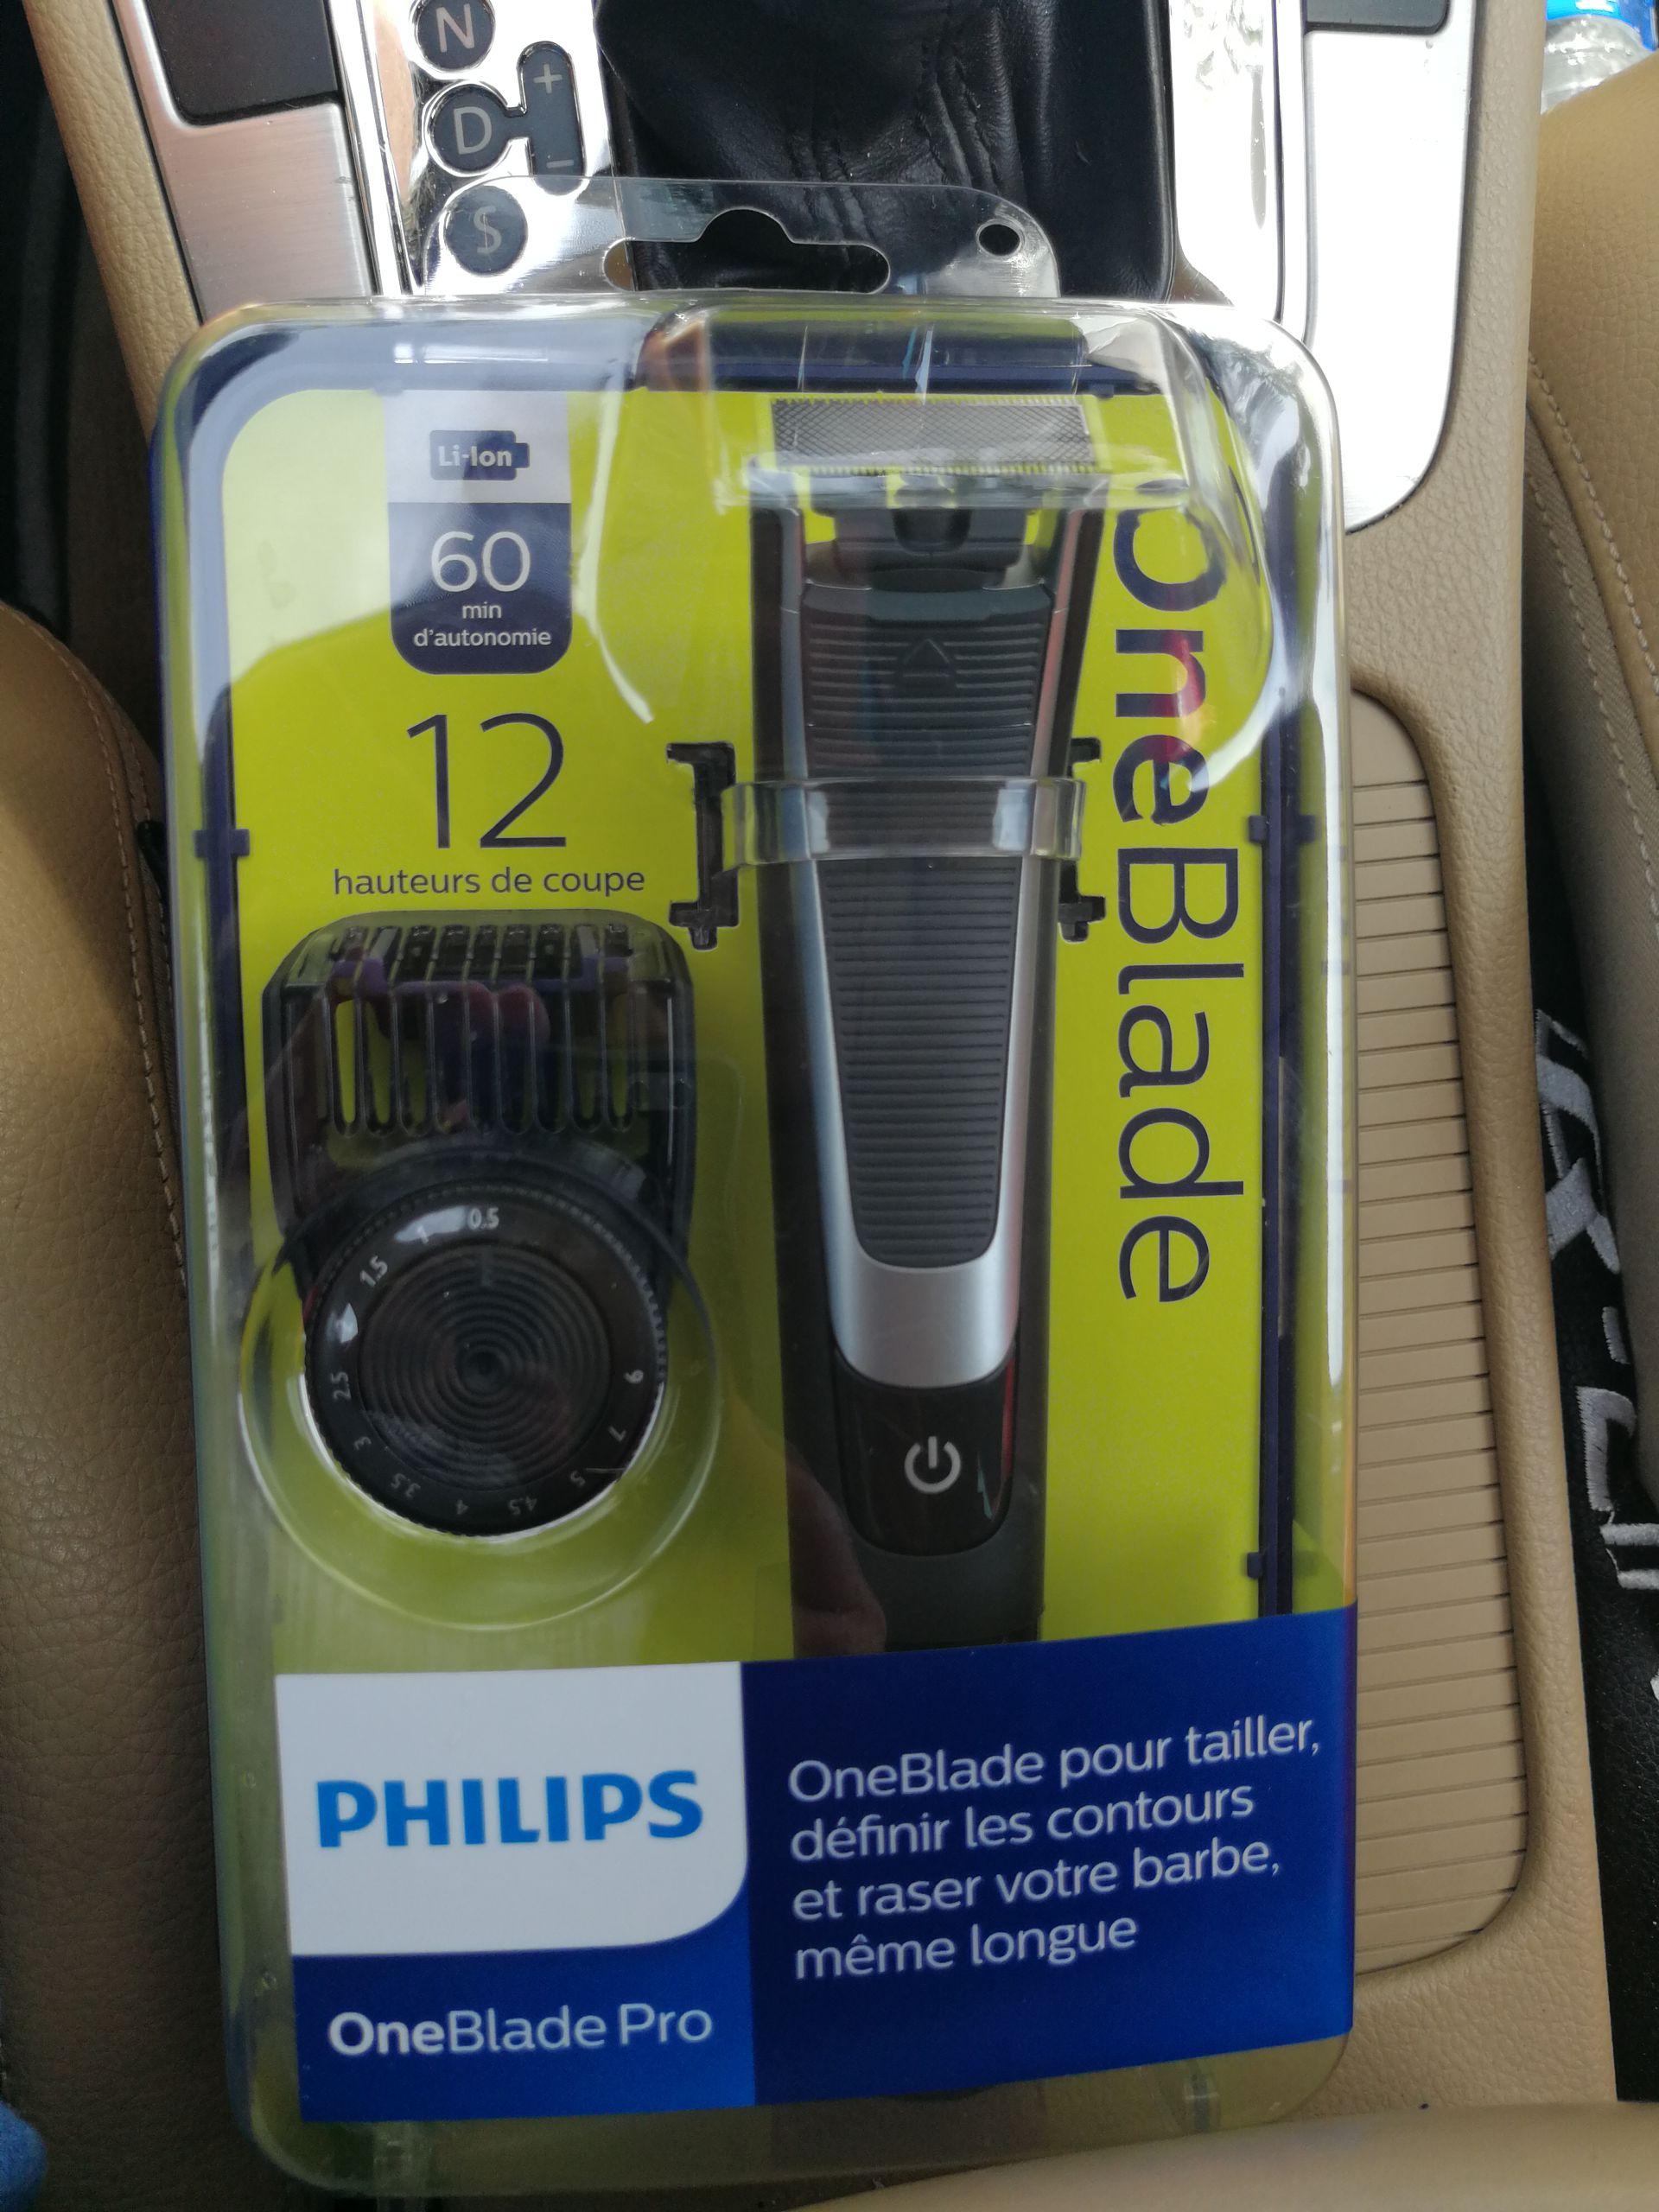 [GEANT Saint Tropez] Philips One Blade Pro für 17,95€